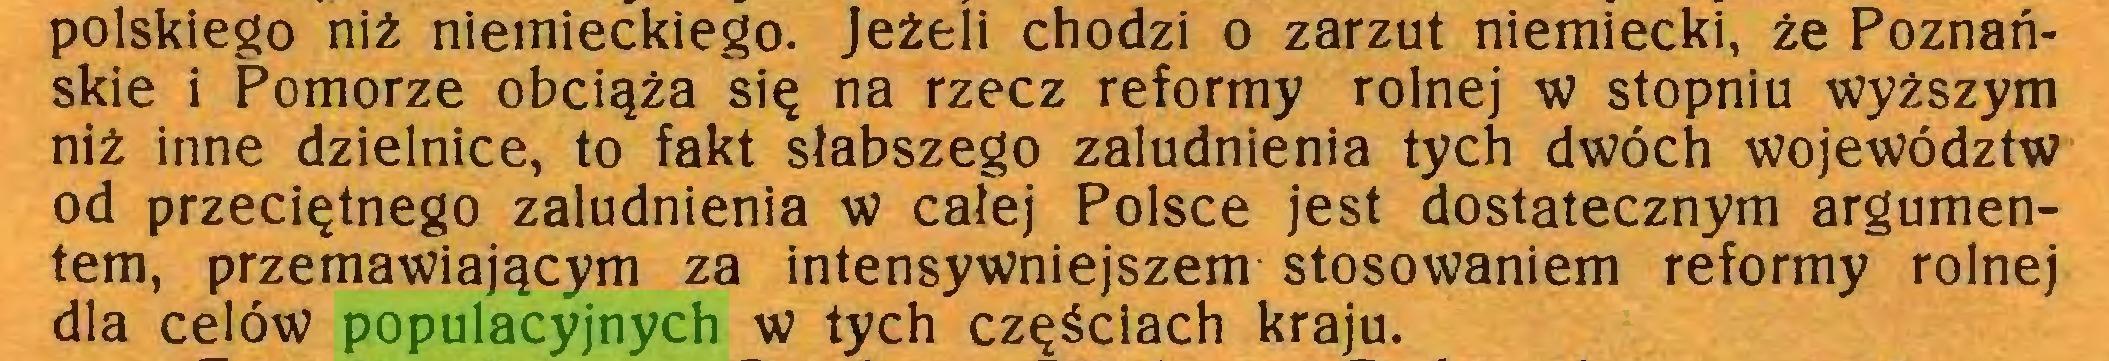 (...) polskiego niż niemieckiego. Jeżeli chodzi o zarzut niemiecki, że Poznańskie i Pomorze obciąża się na rzecz reformy rolnej w stopniu wyższym niż inne dzielnice, to fakt słabszego zaludnienia tych dwóch województw od przeciętnego zaludnienia w całej Polsce jest dostatecznym argumentem, przemawiającym za intensywniejszem stosowaniem reformy rolnej dla celów populacyjnych w tych częściach kraju...